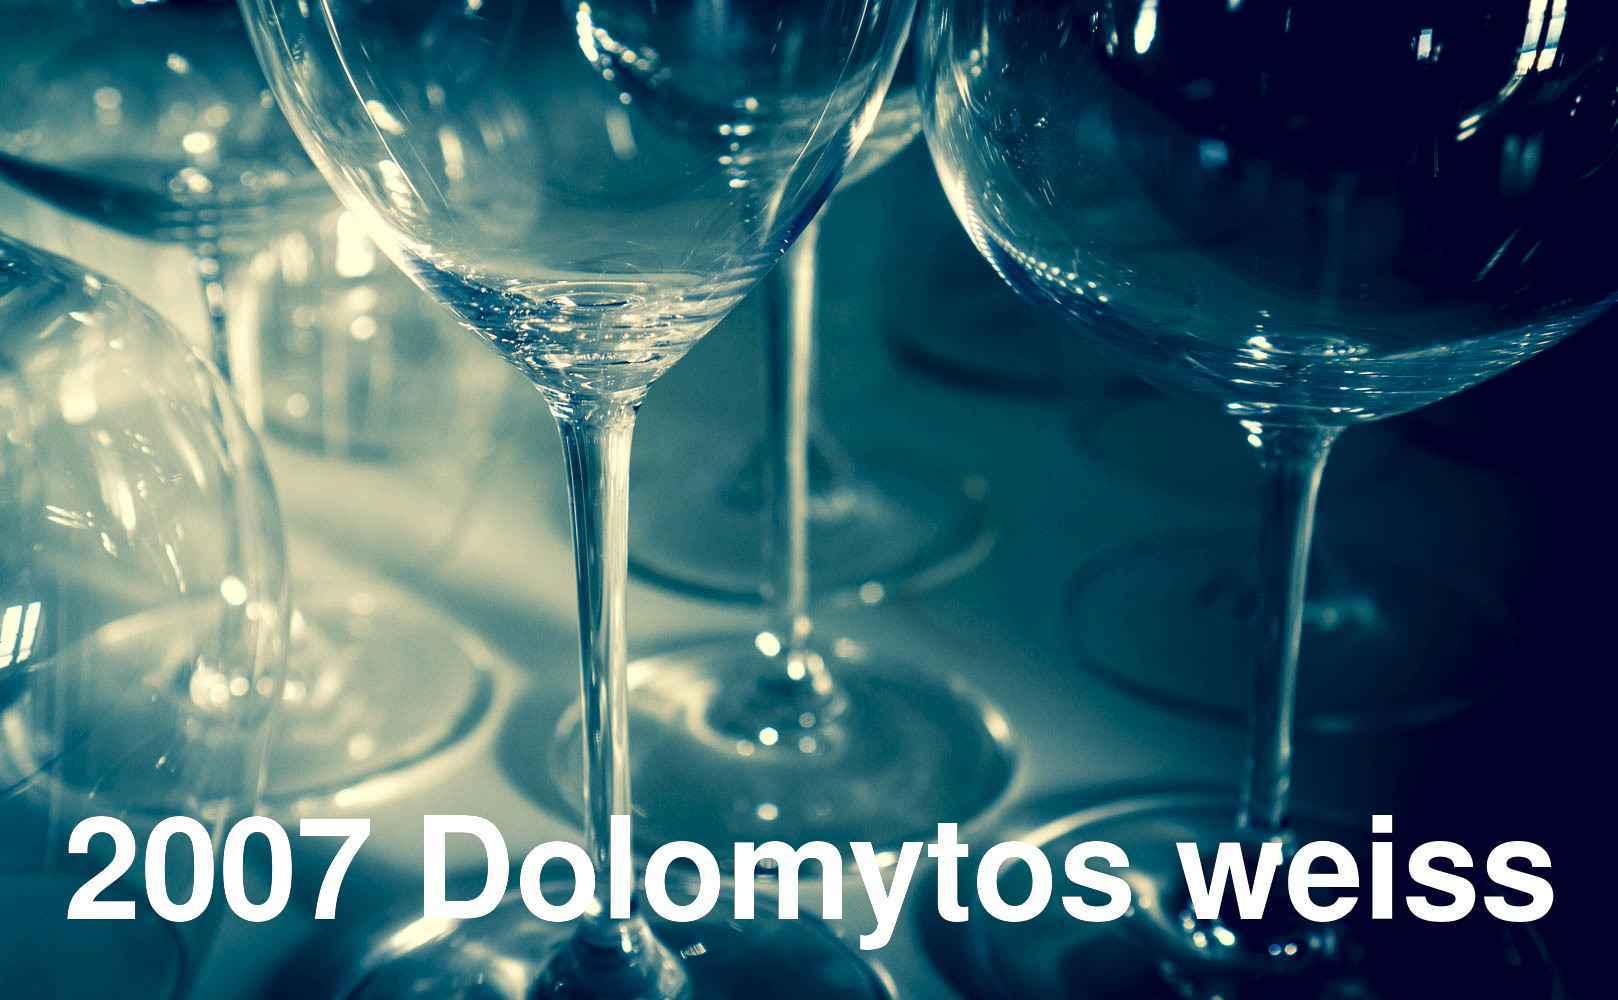 2007 Dolomytos weiss von Ansitz Dolomytos Sacker aus Südtirol, Italien